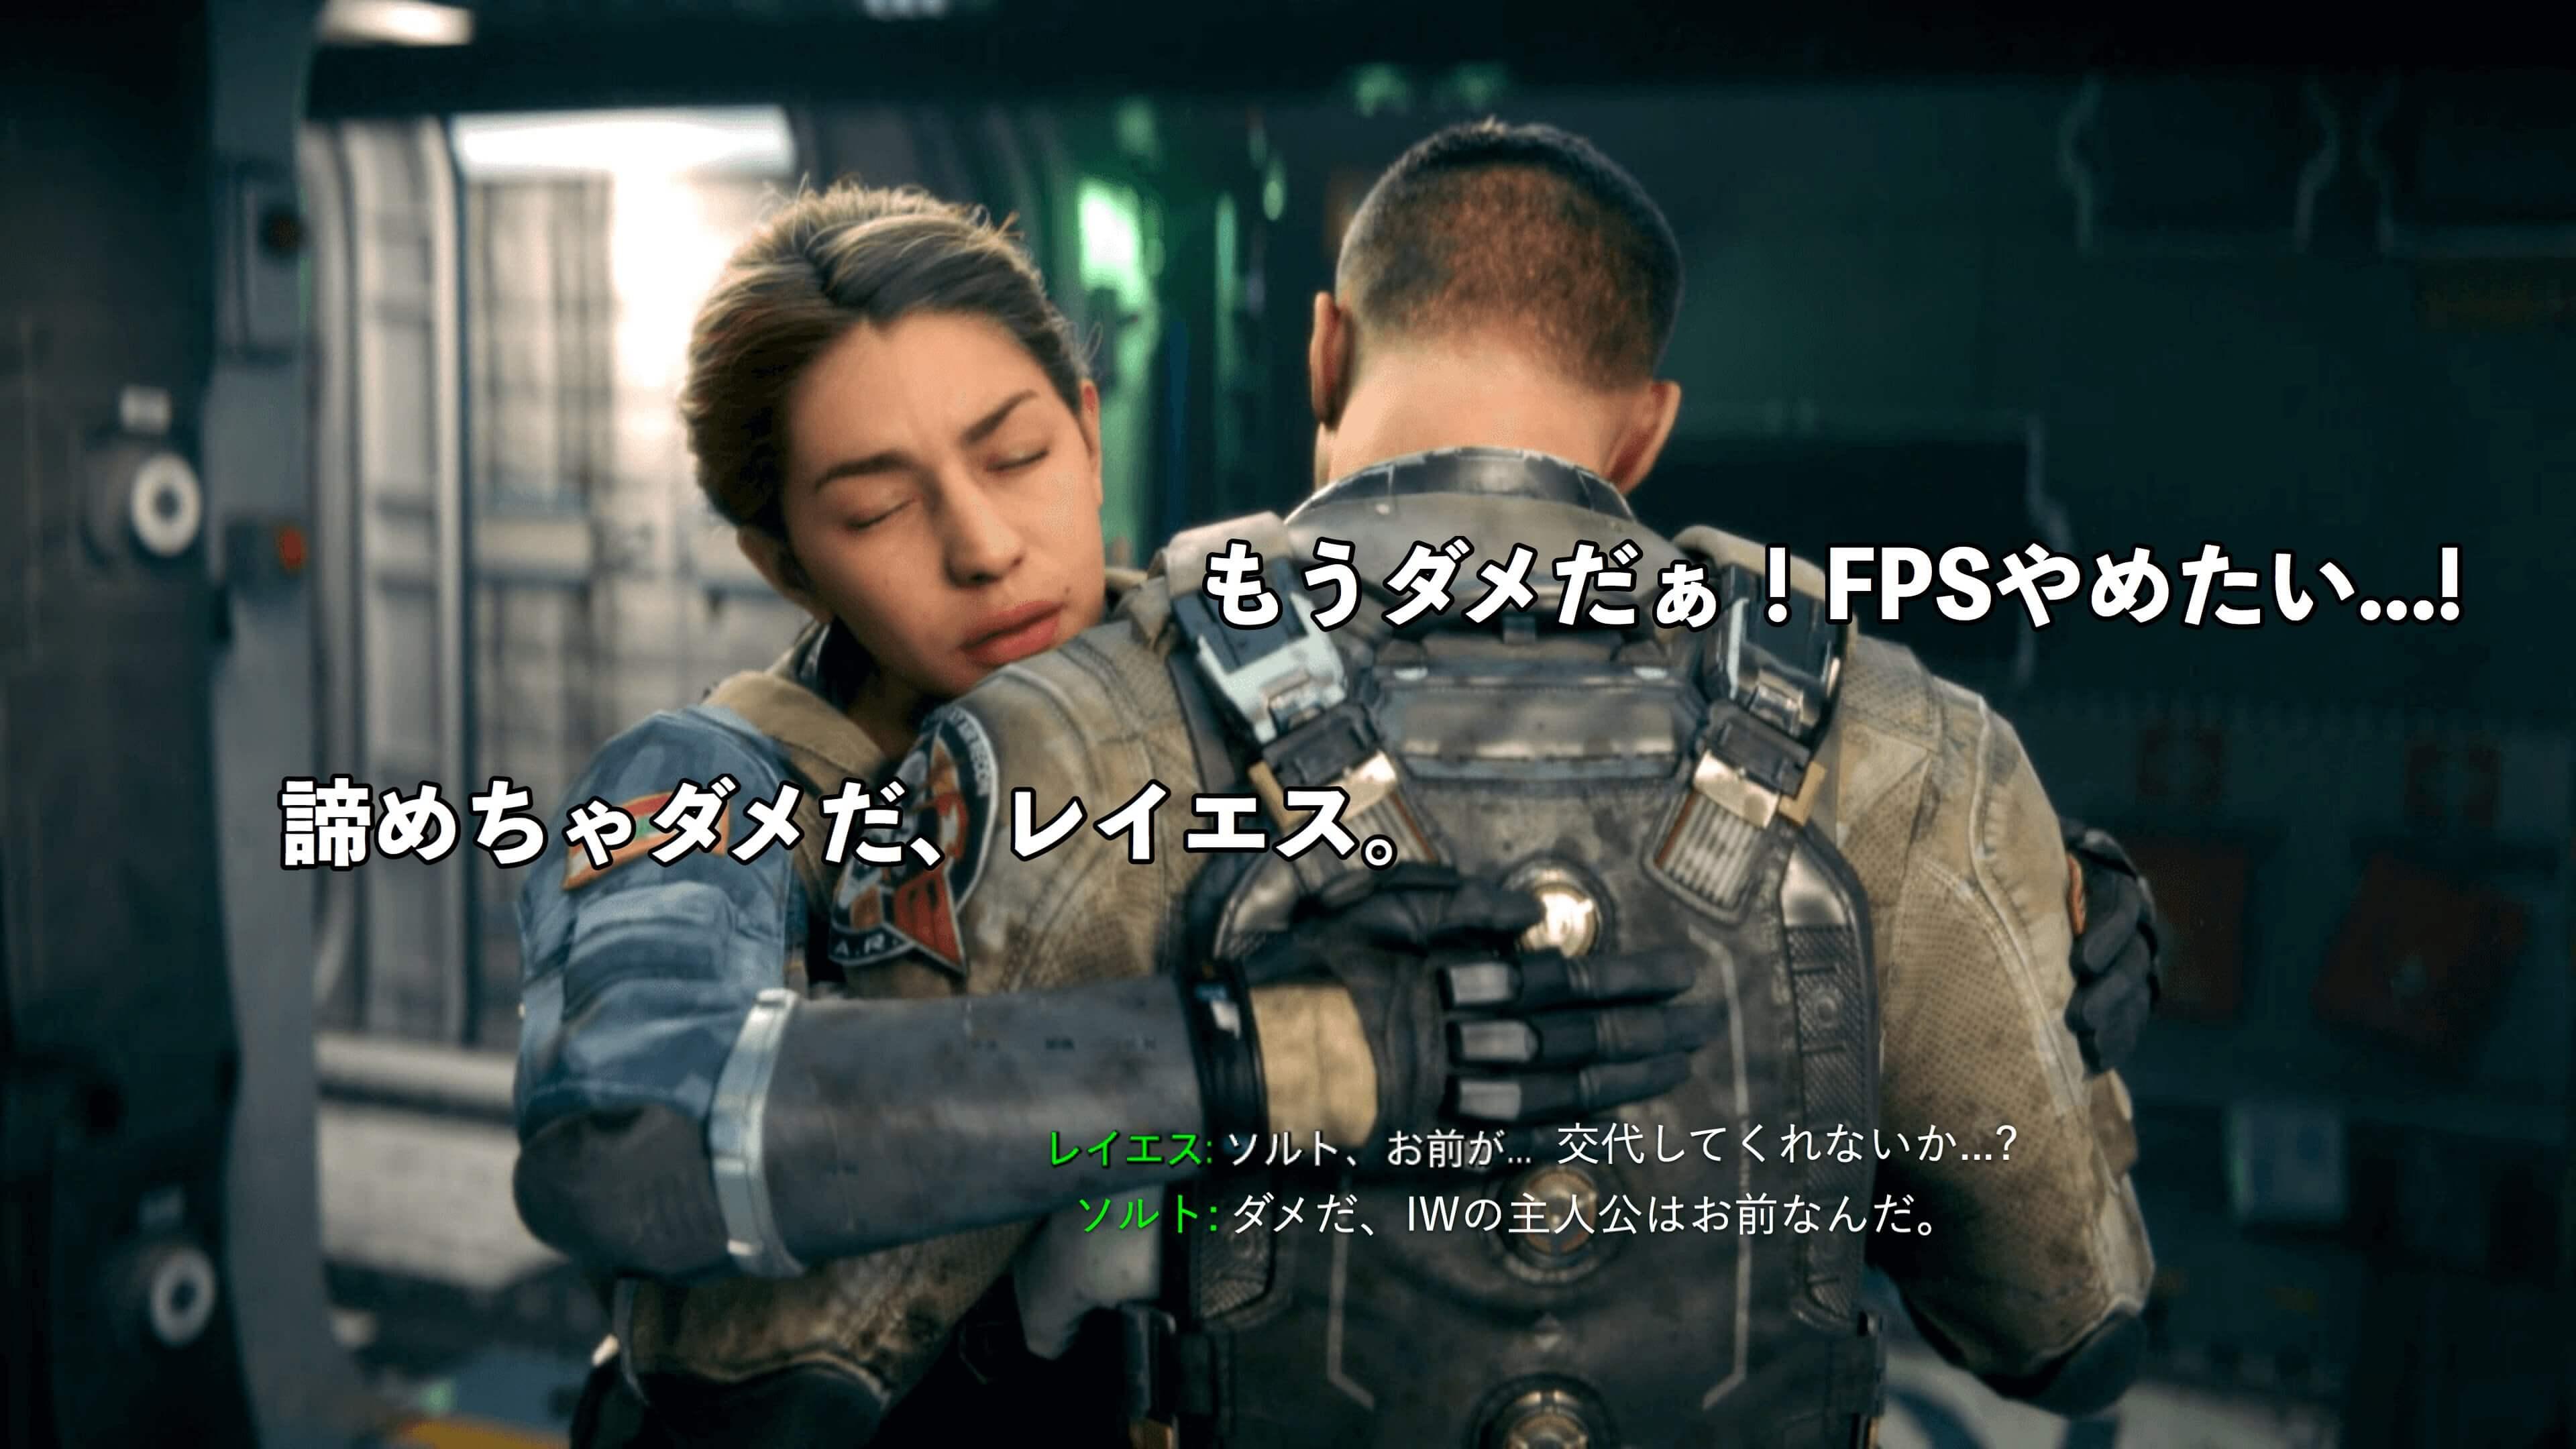 FPSを辞めたがってるレイエス